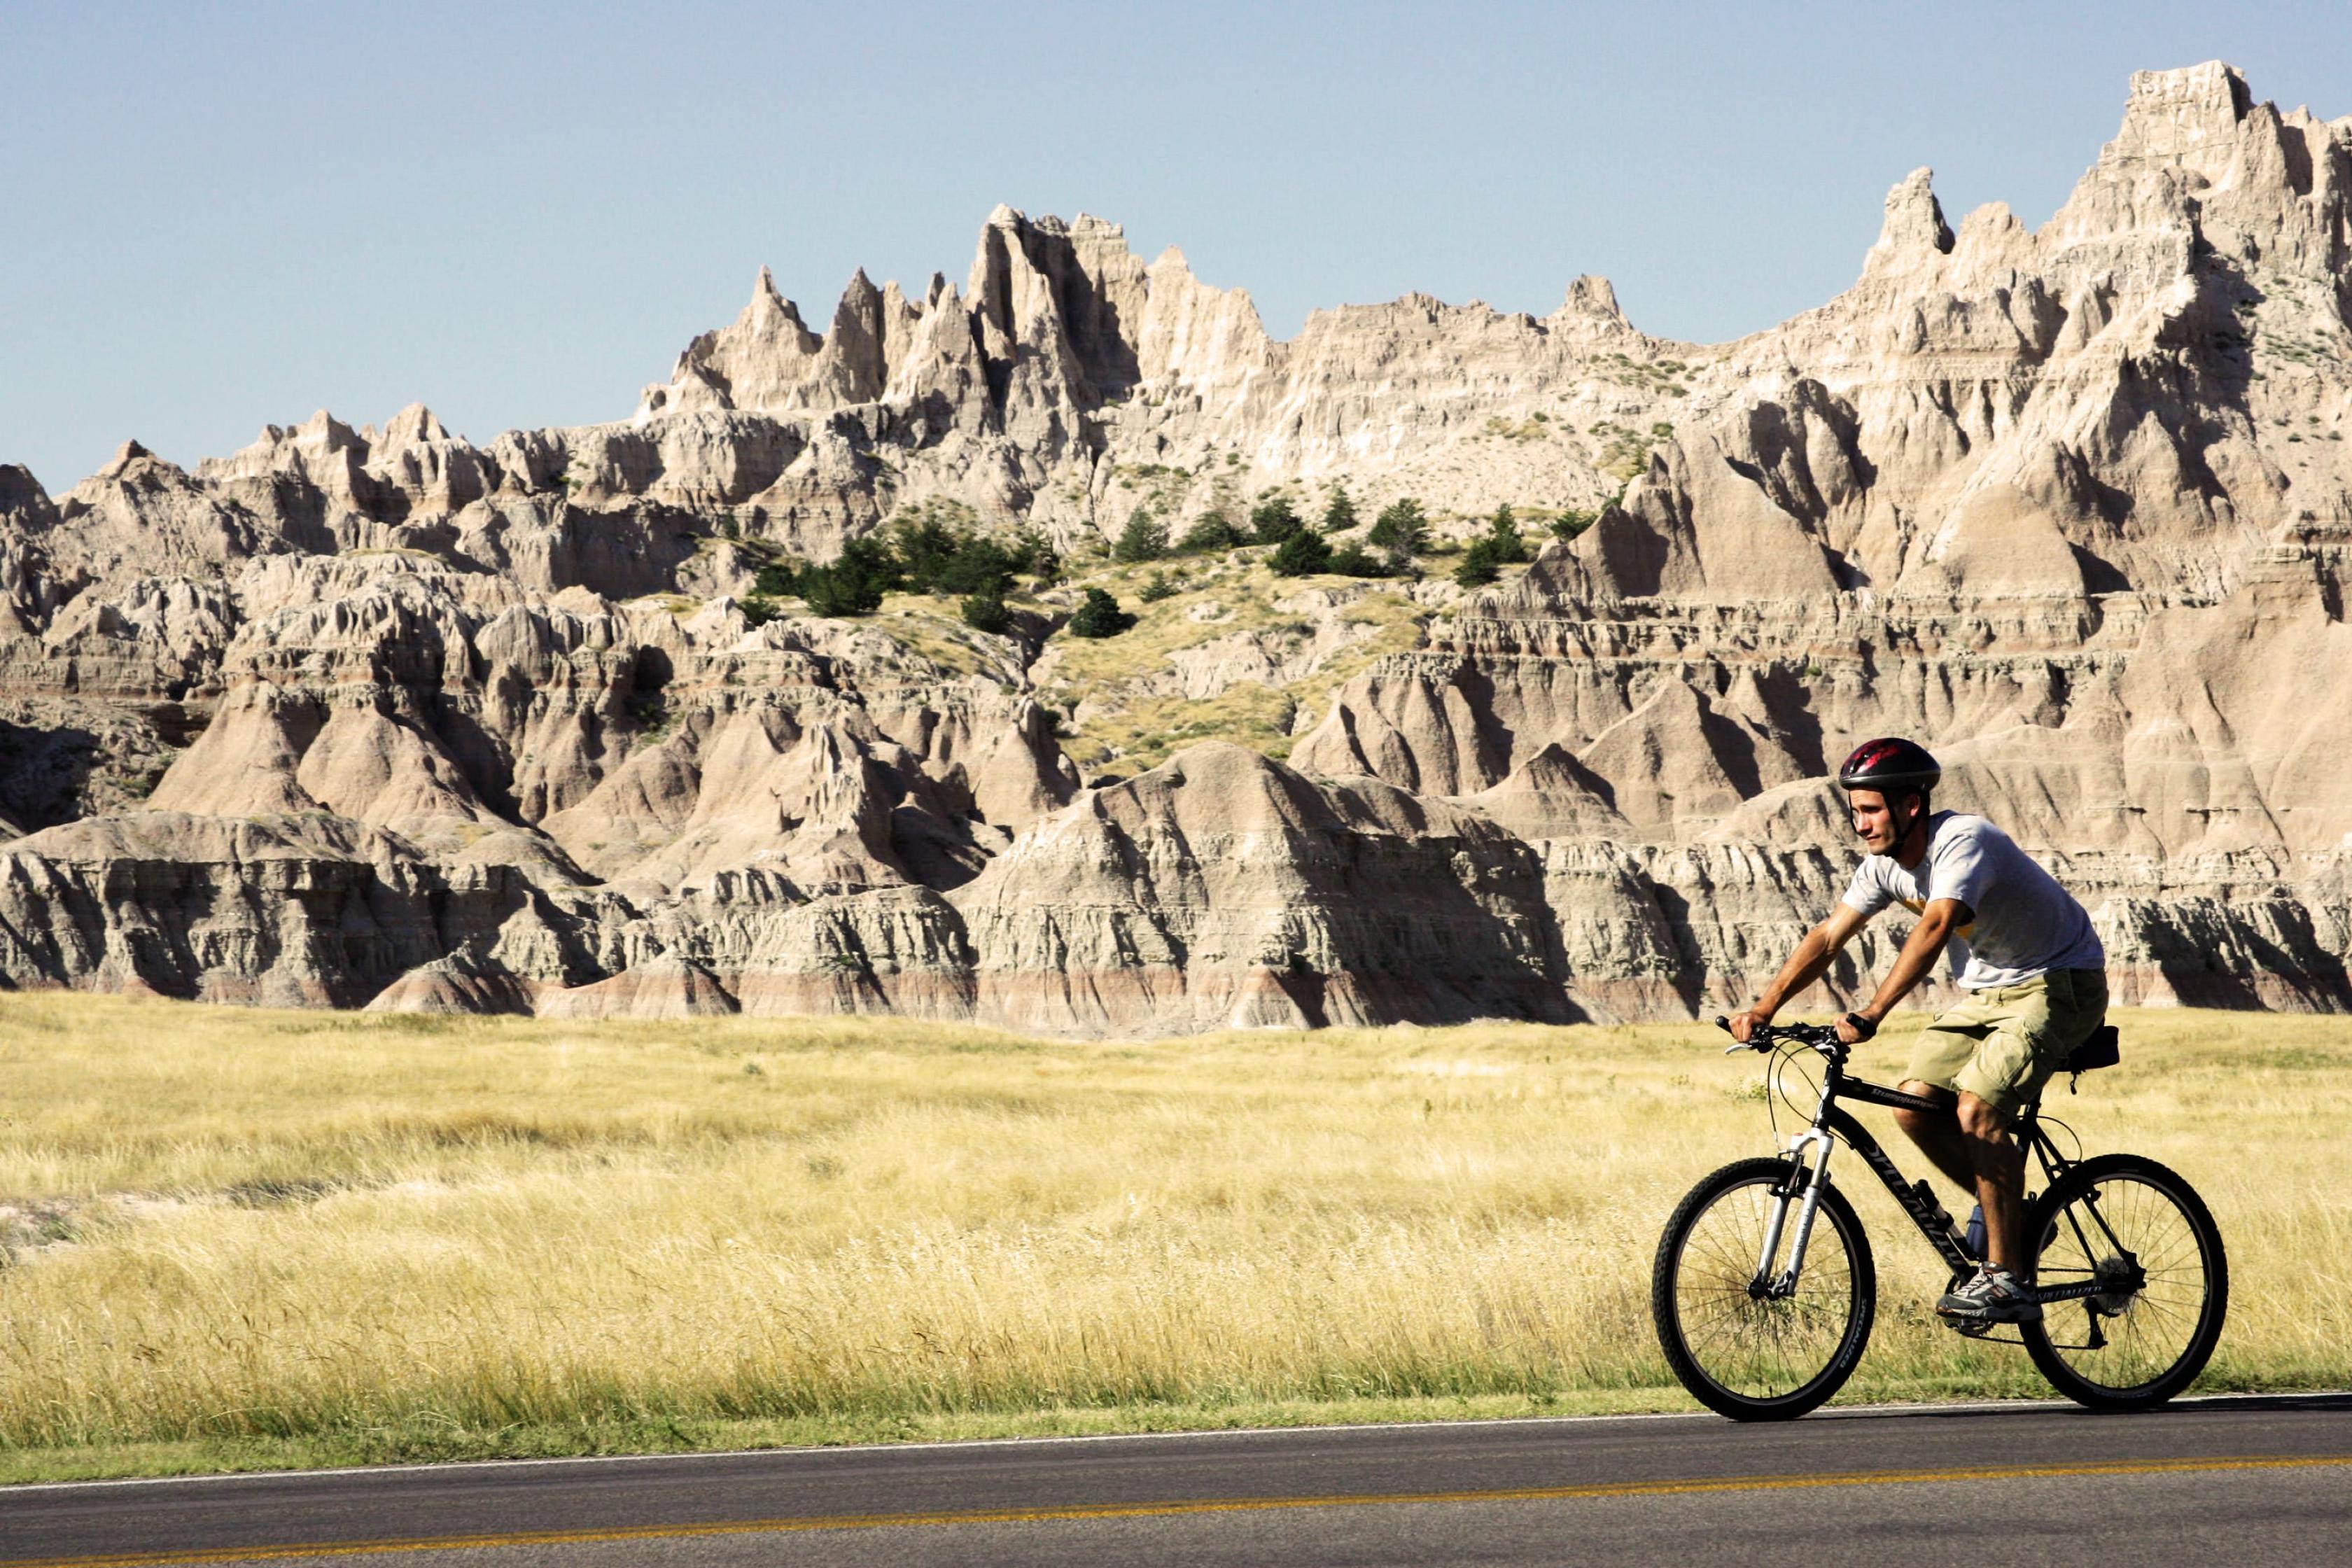 Un hombre en bicicleta a través del Parque Nacional Badlands.